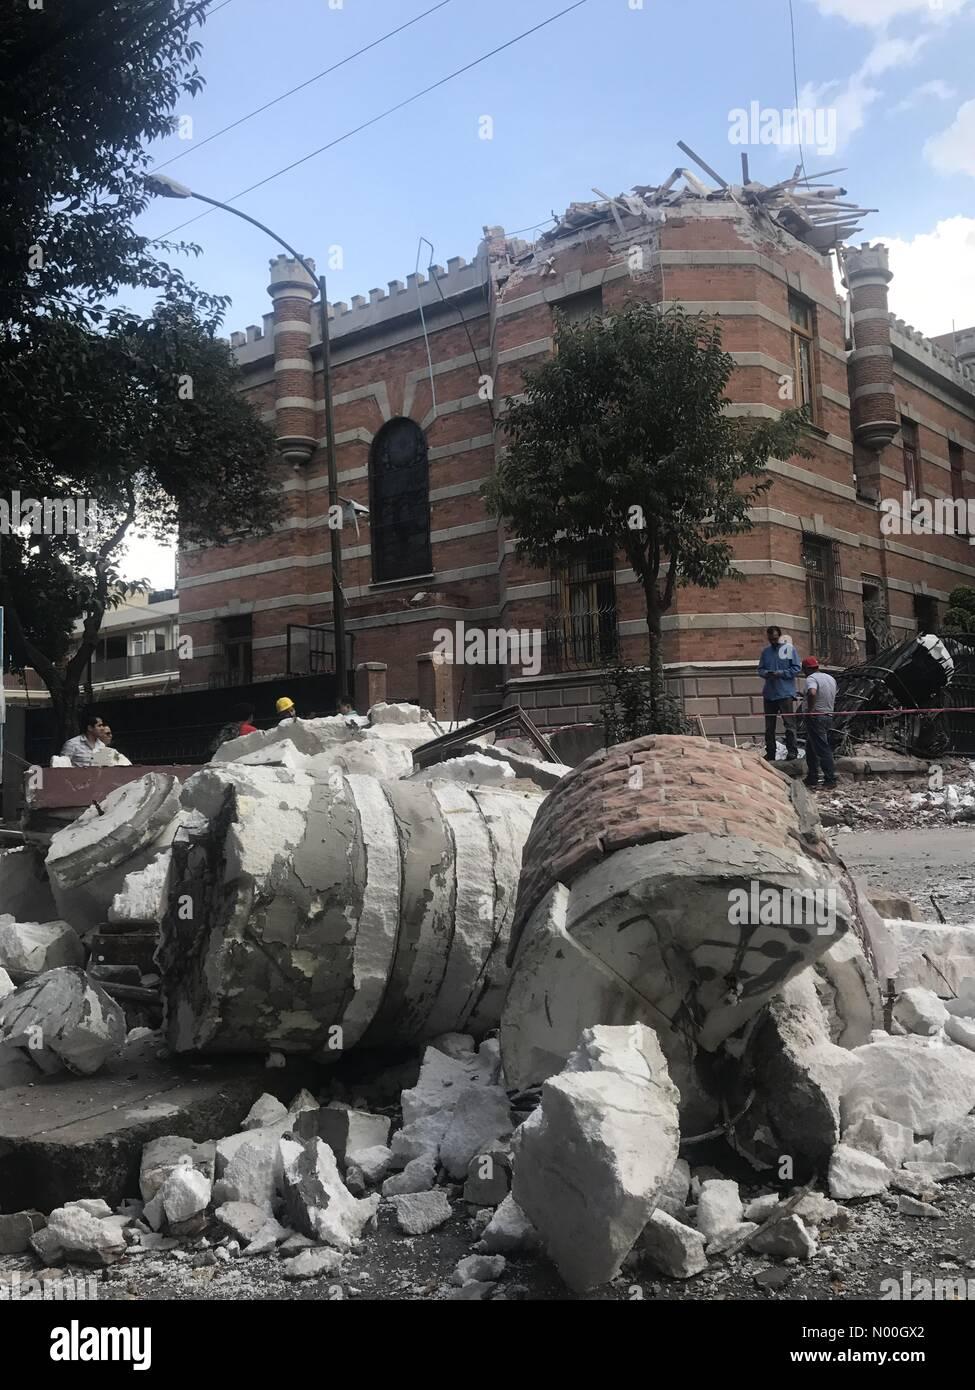 Orizaba 110, Roma Nte., Ciudad de México, Ciudad de México, Mexico. 19th Sep, 2017. A building partially damaged Stock Photo